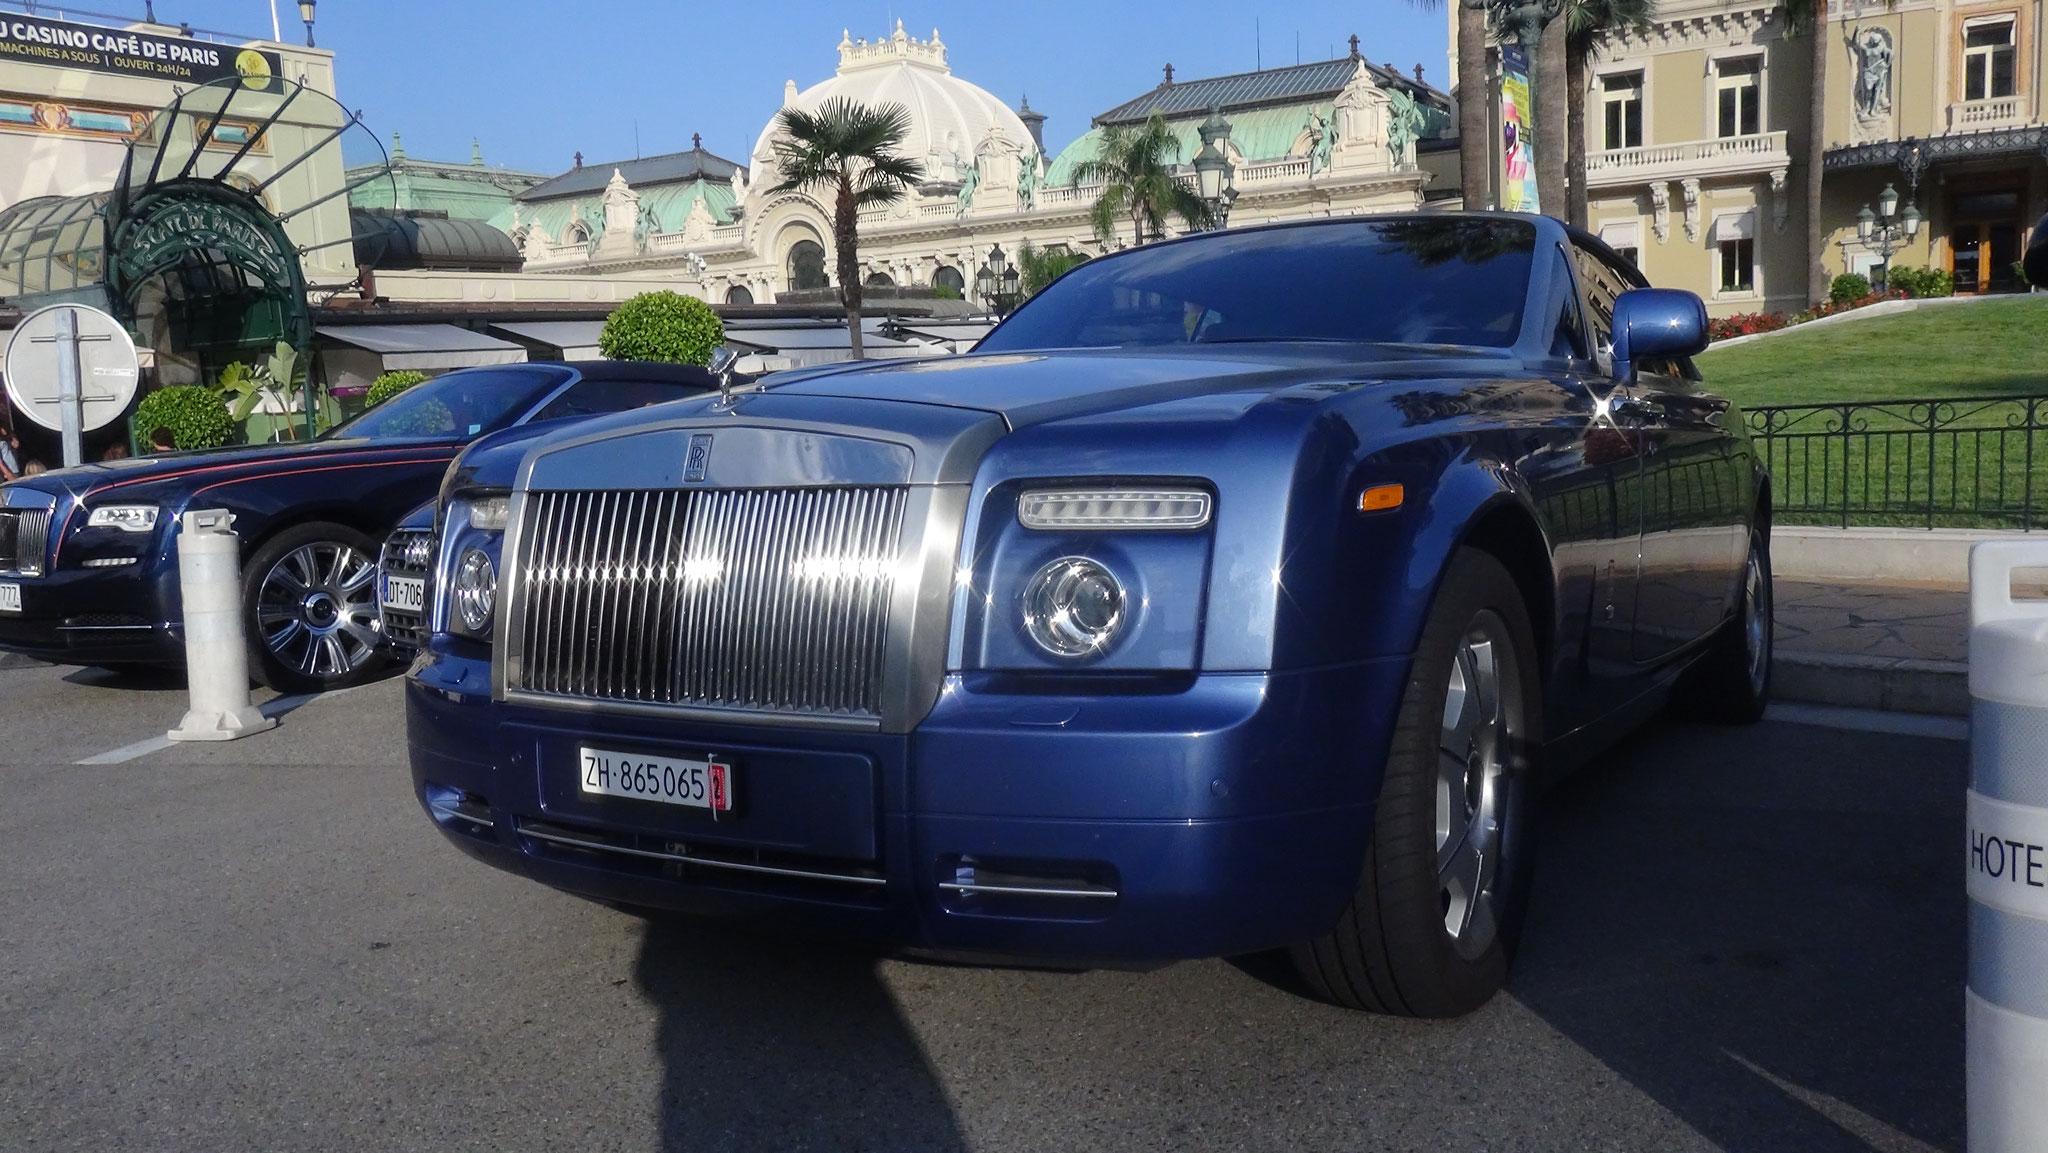 Rolls Royce Drophead - ZH-865065 (CH)